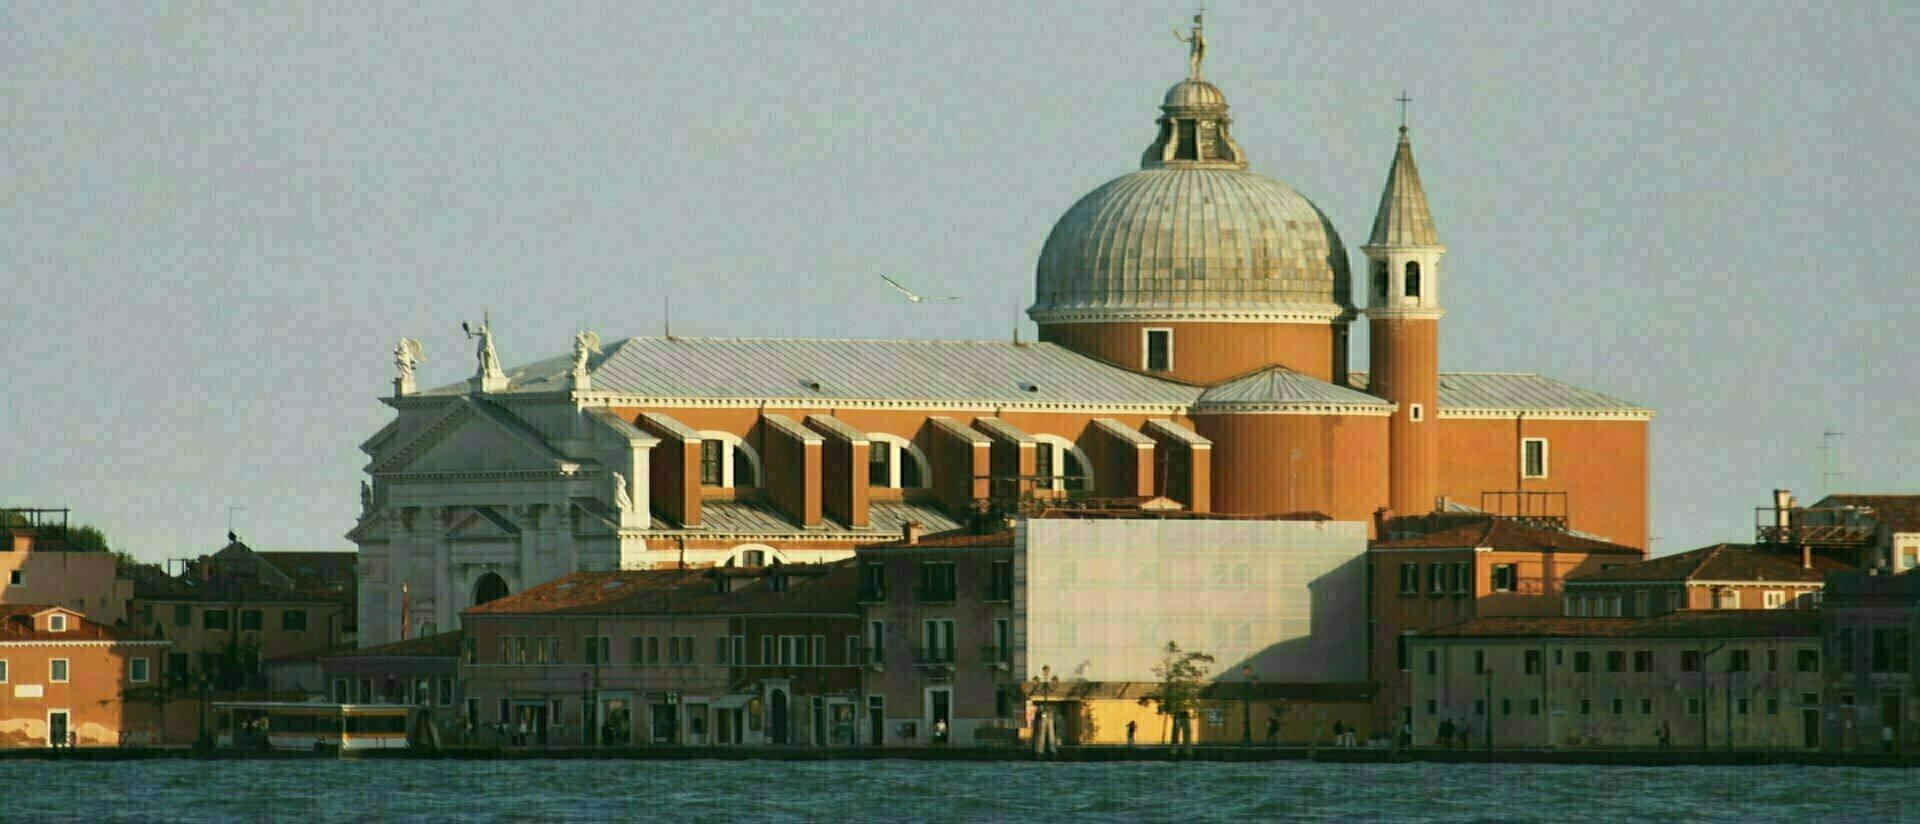 Venezia - tante isole che formano un pesce